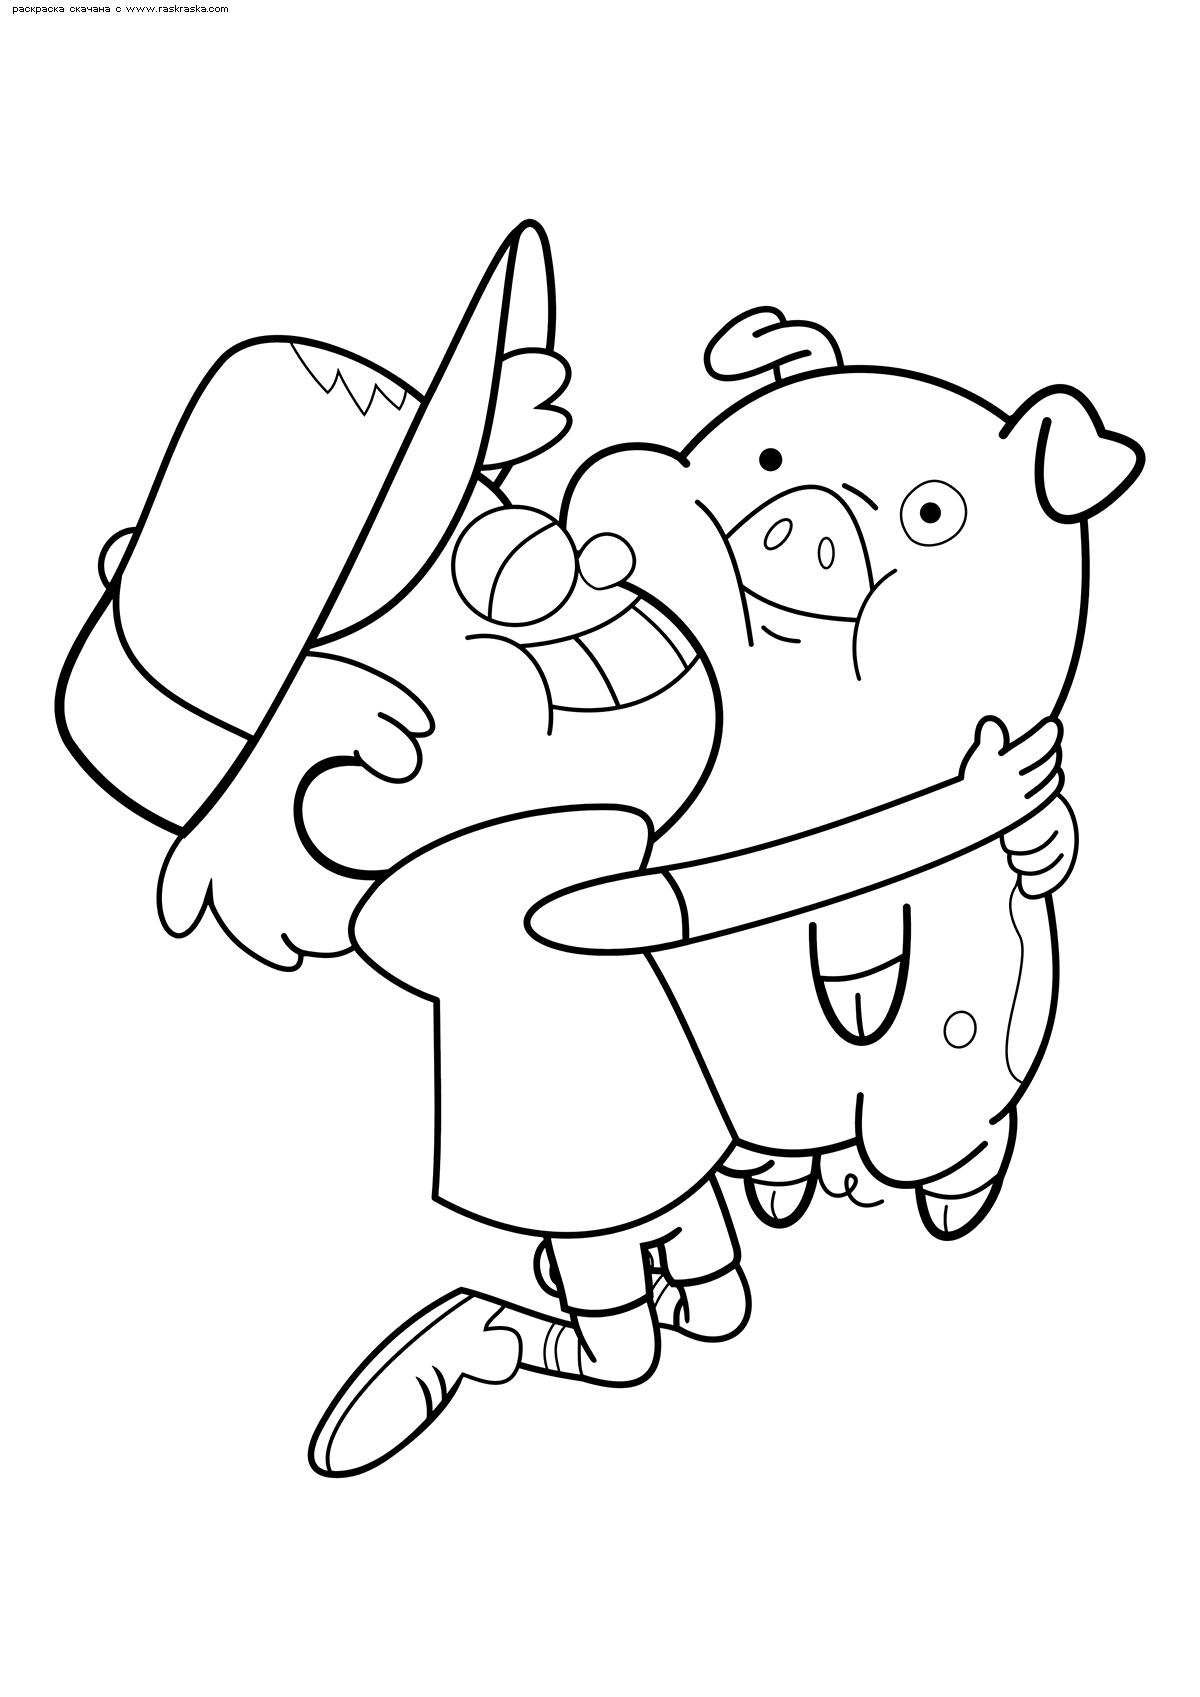 Раскраска Диппер и Пухля. Раскраска Мальчик из Гравити Фолз, свинка из Гравити Фолз